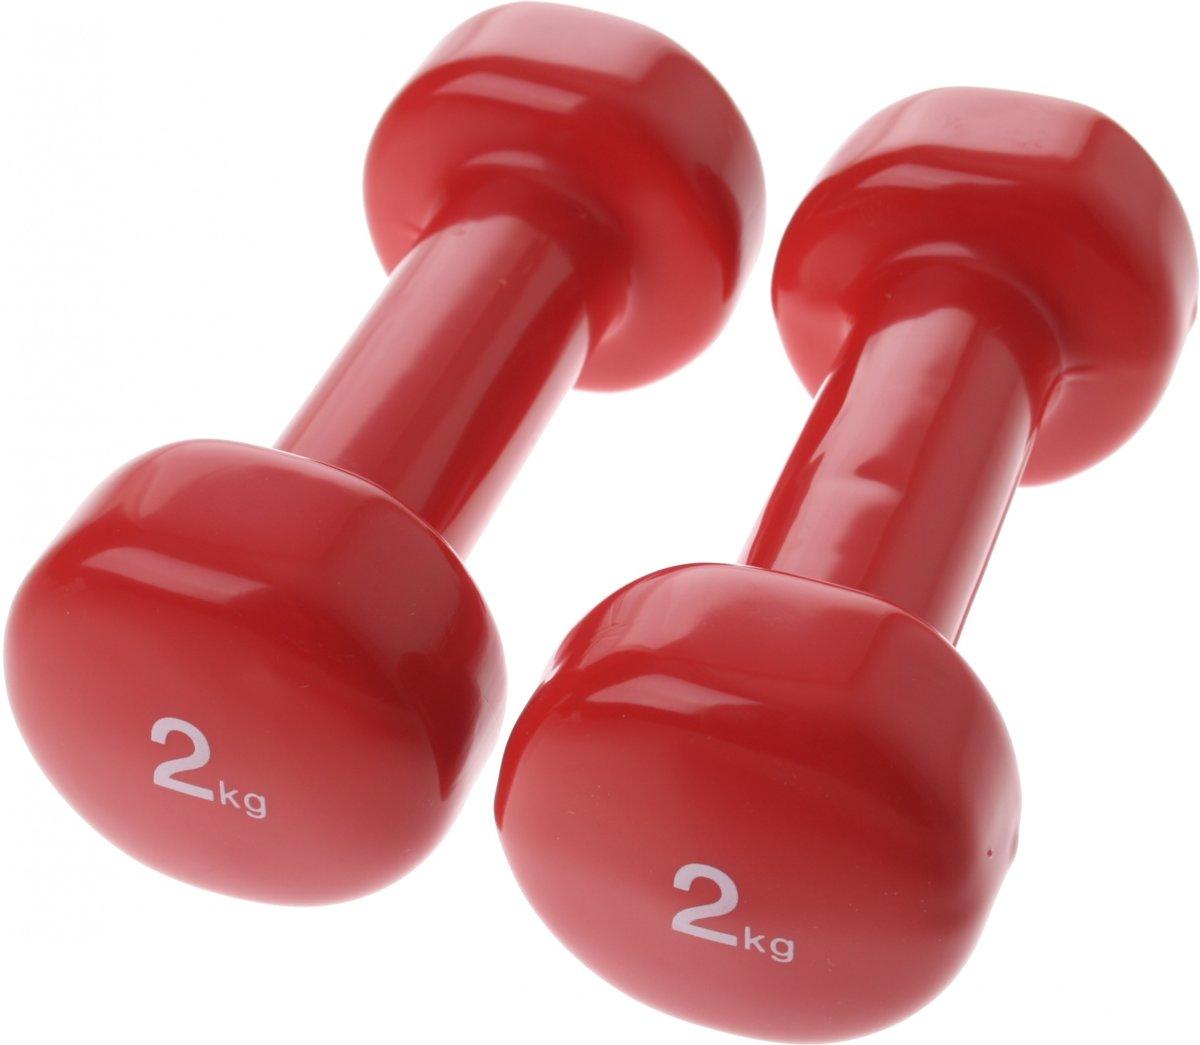 Sportec - Halterset - Unisex - Rood kopen